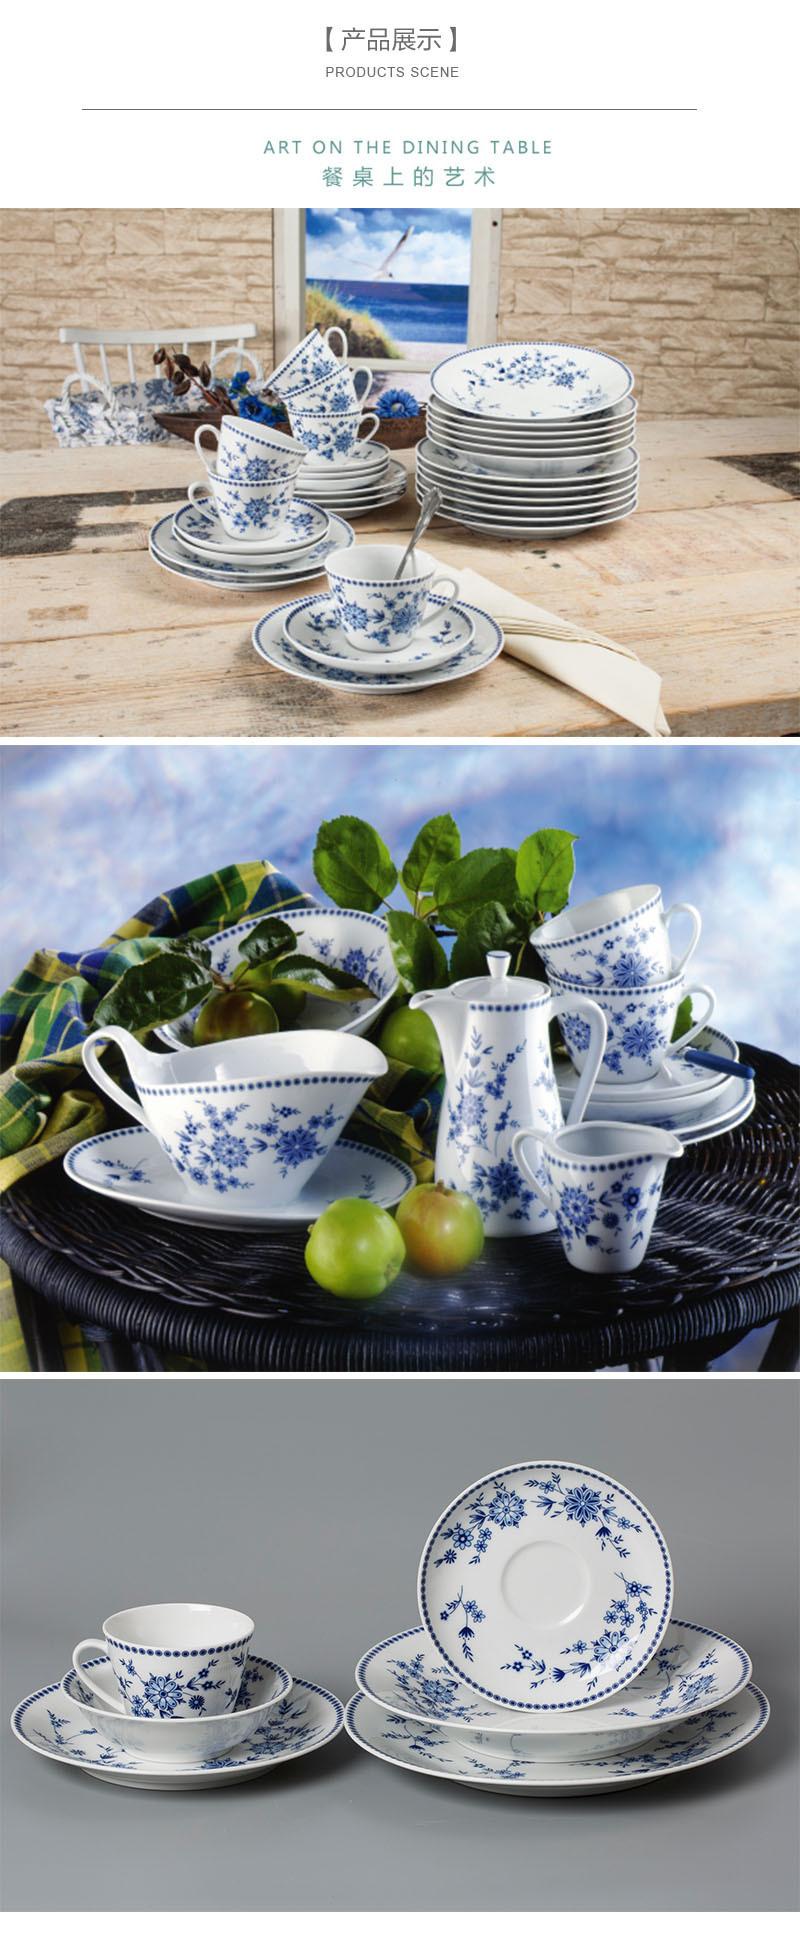 德国原产Seltmann Weiden青花陶瓷汤盘产品展示